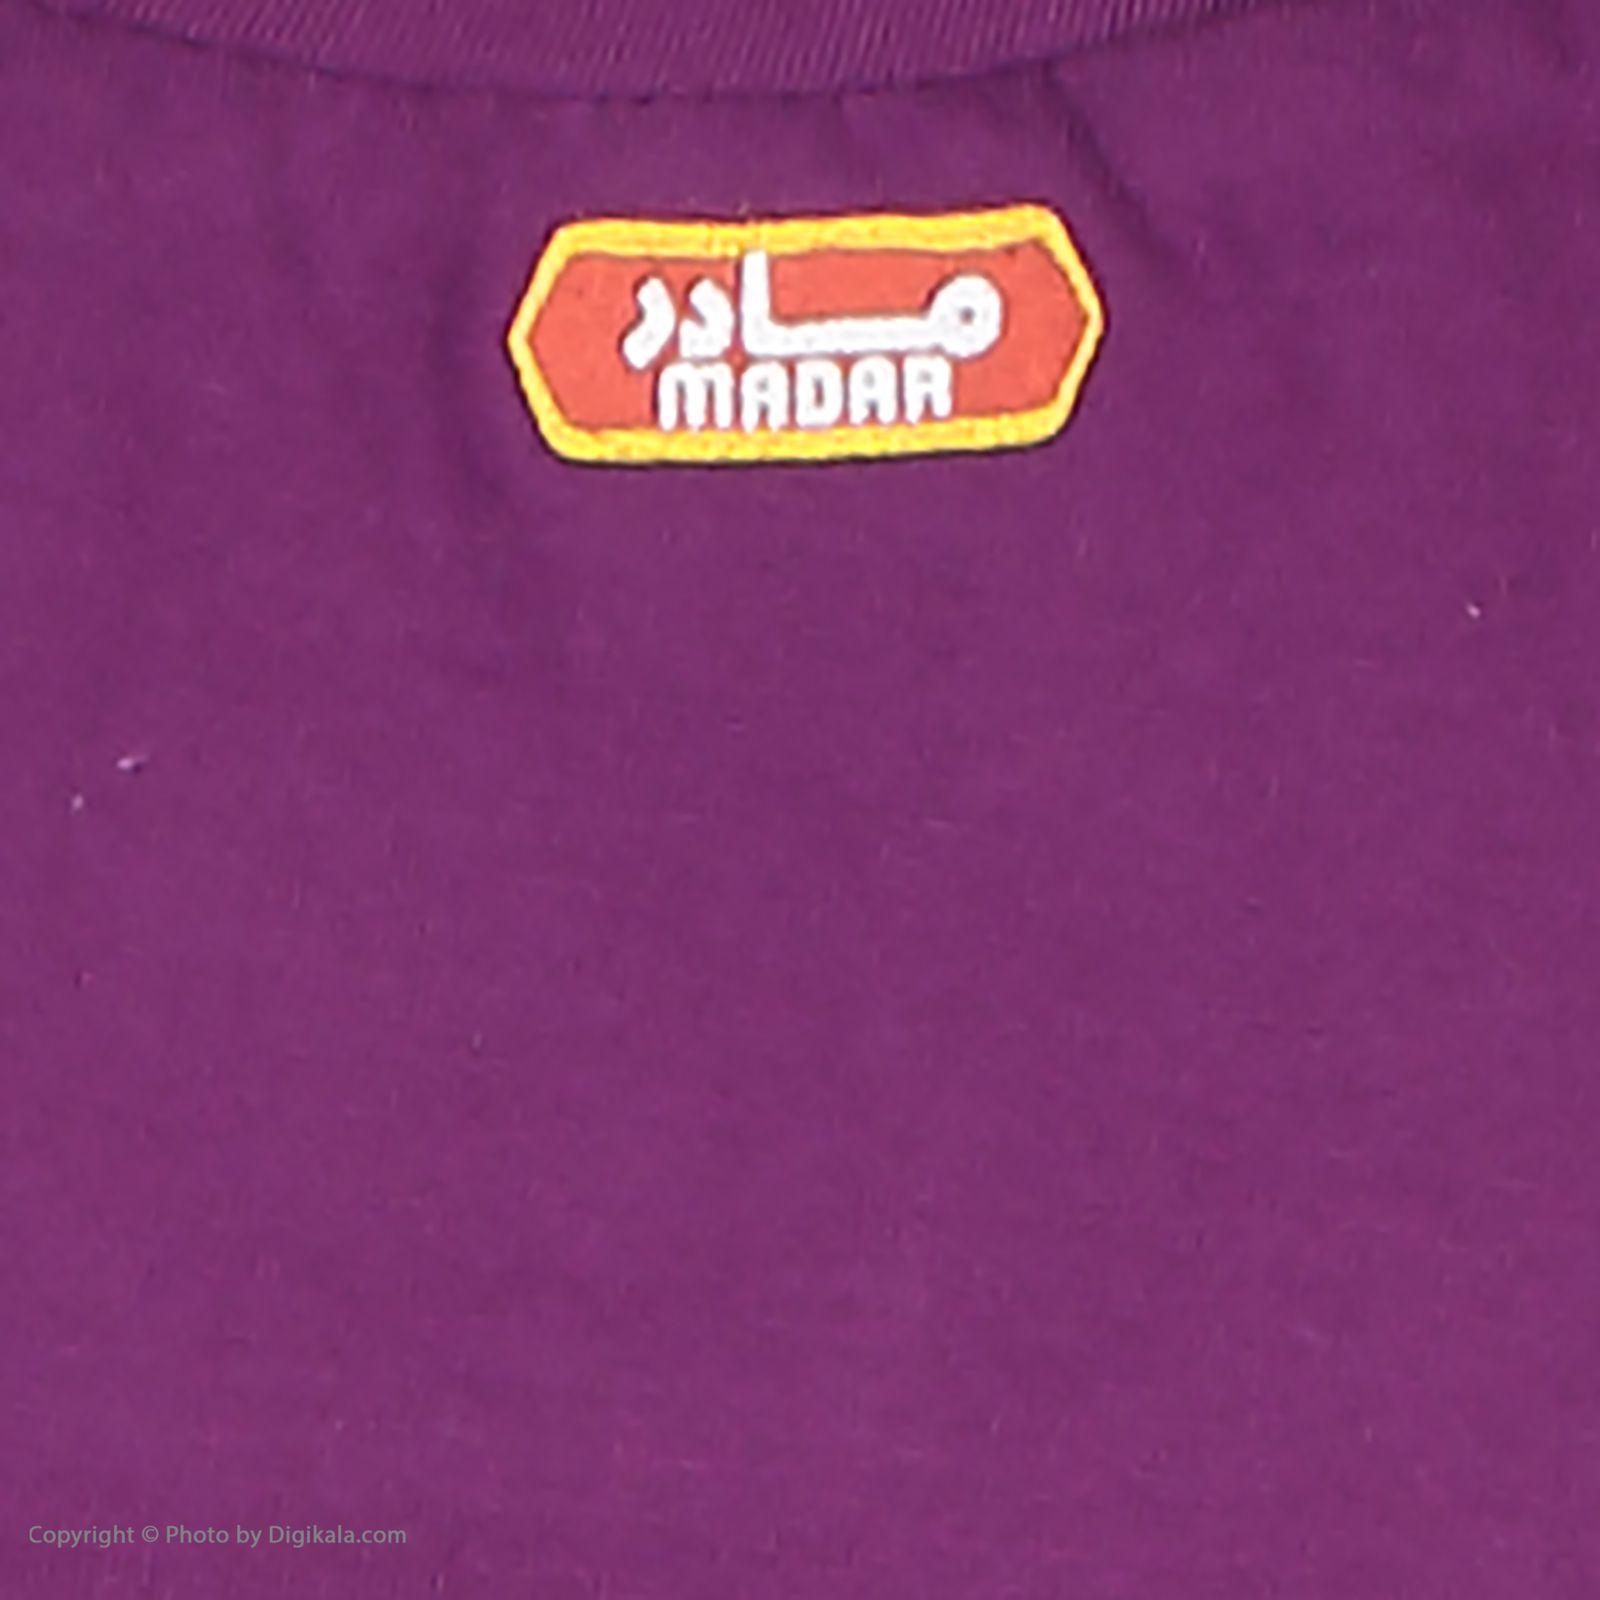 ست تی شرت و شلوارک راحتی زنانه مادر مدل 2041101-67 -  - 12